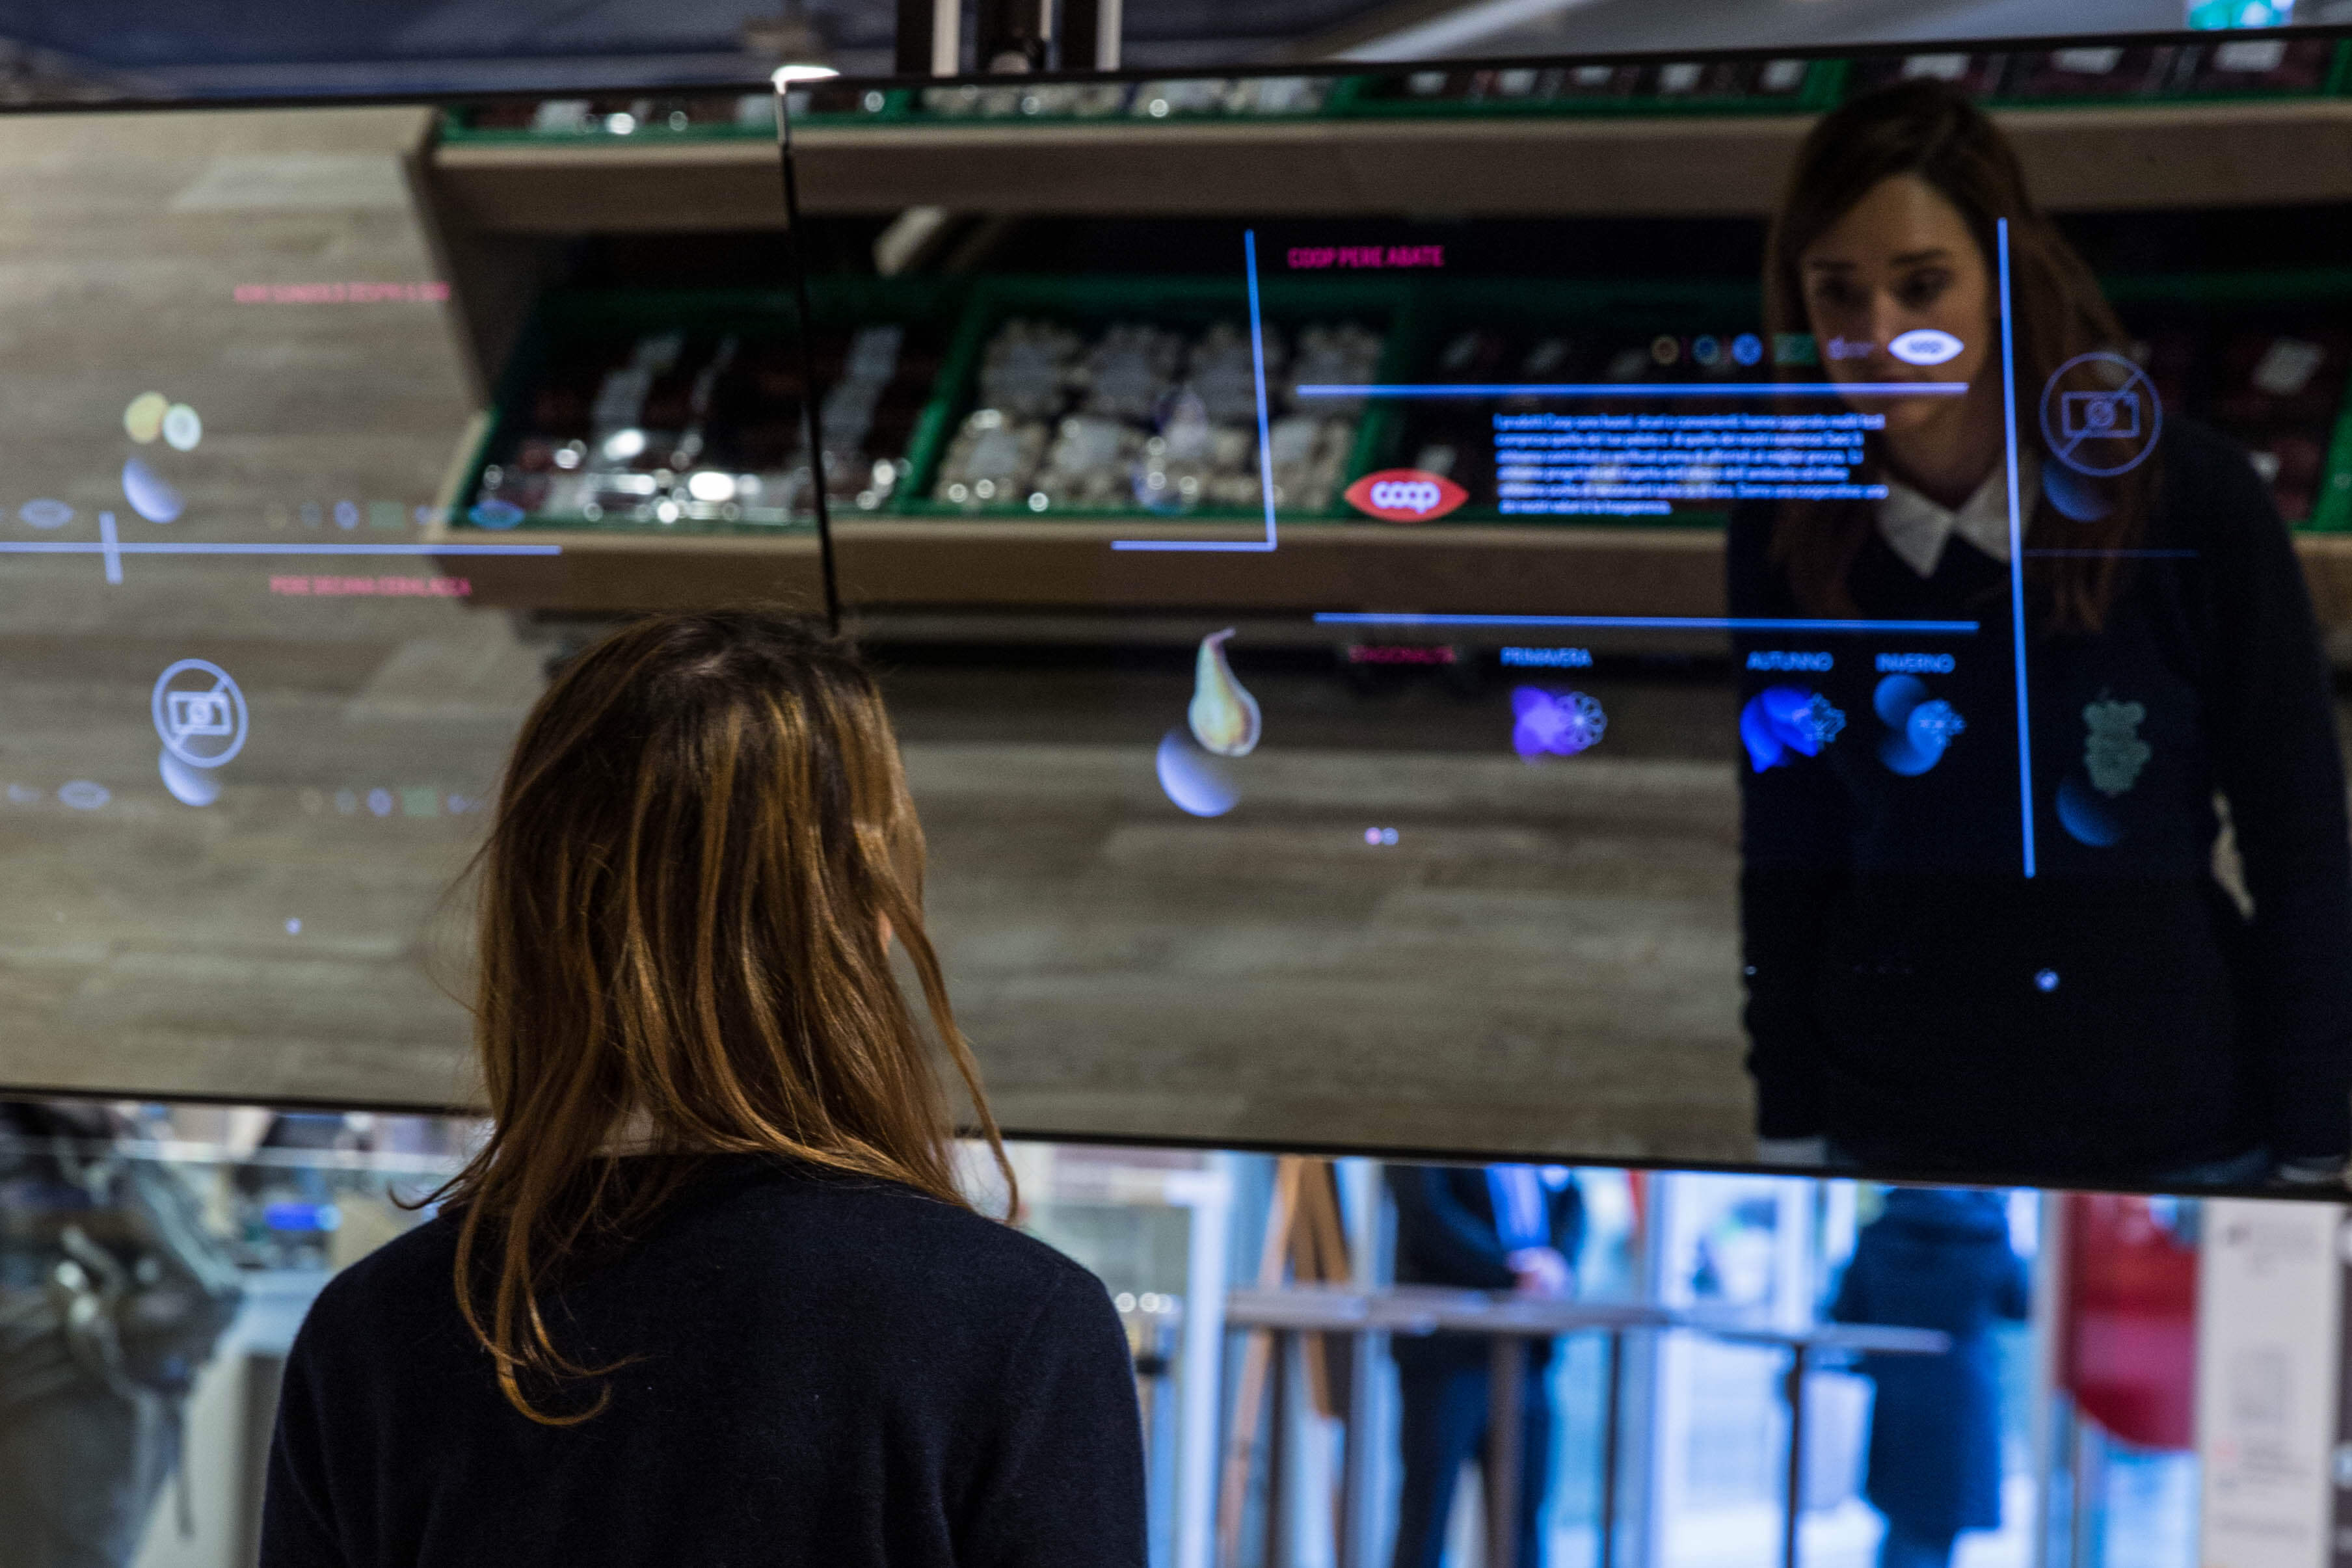 Supermarket budoucnosti otevřel řetězec Coop Italia ve spolupráci s Accenture. Zákazník se dozvídá informace o zboží pomocí dotykových displejů. Zdroj: Accenture